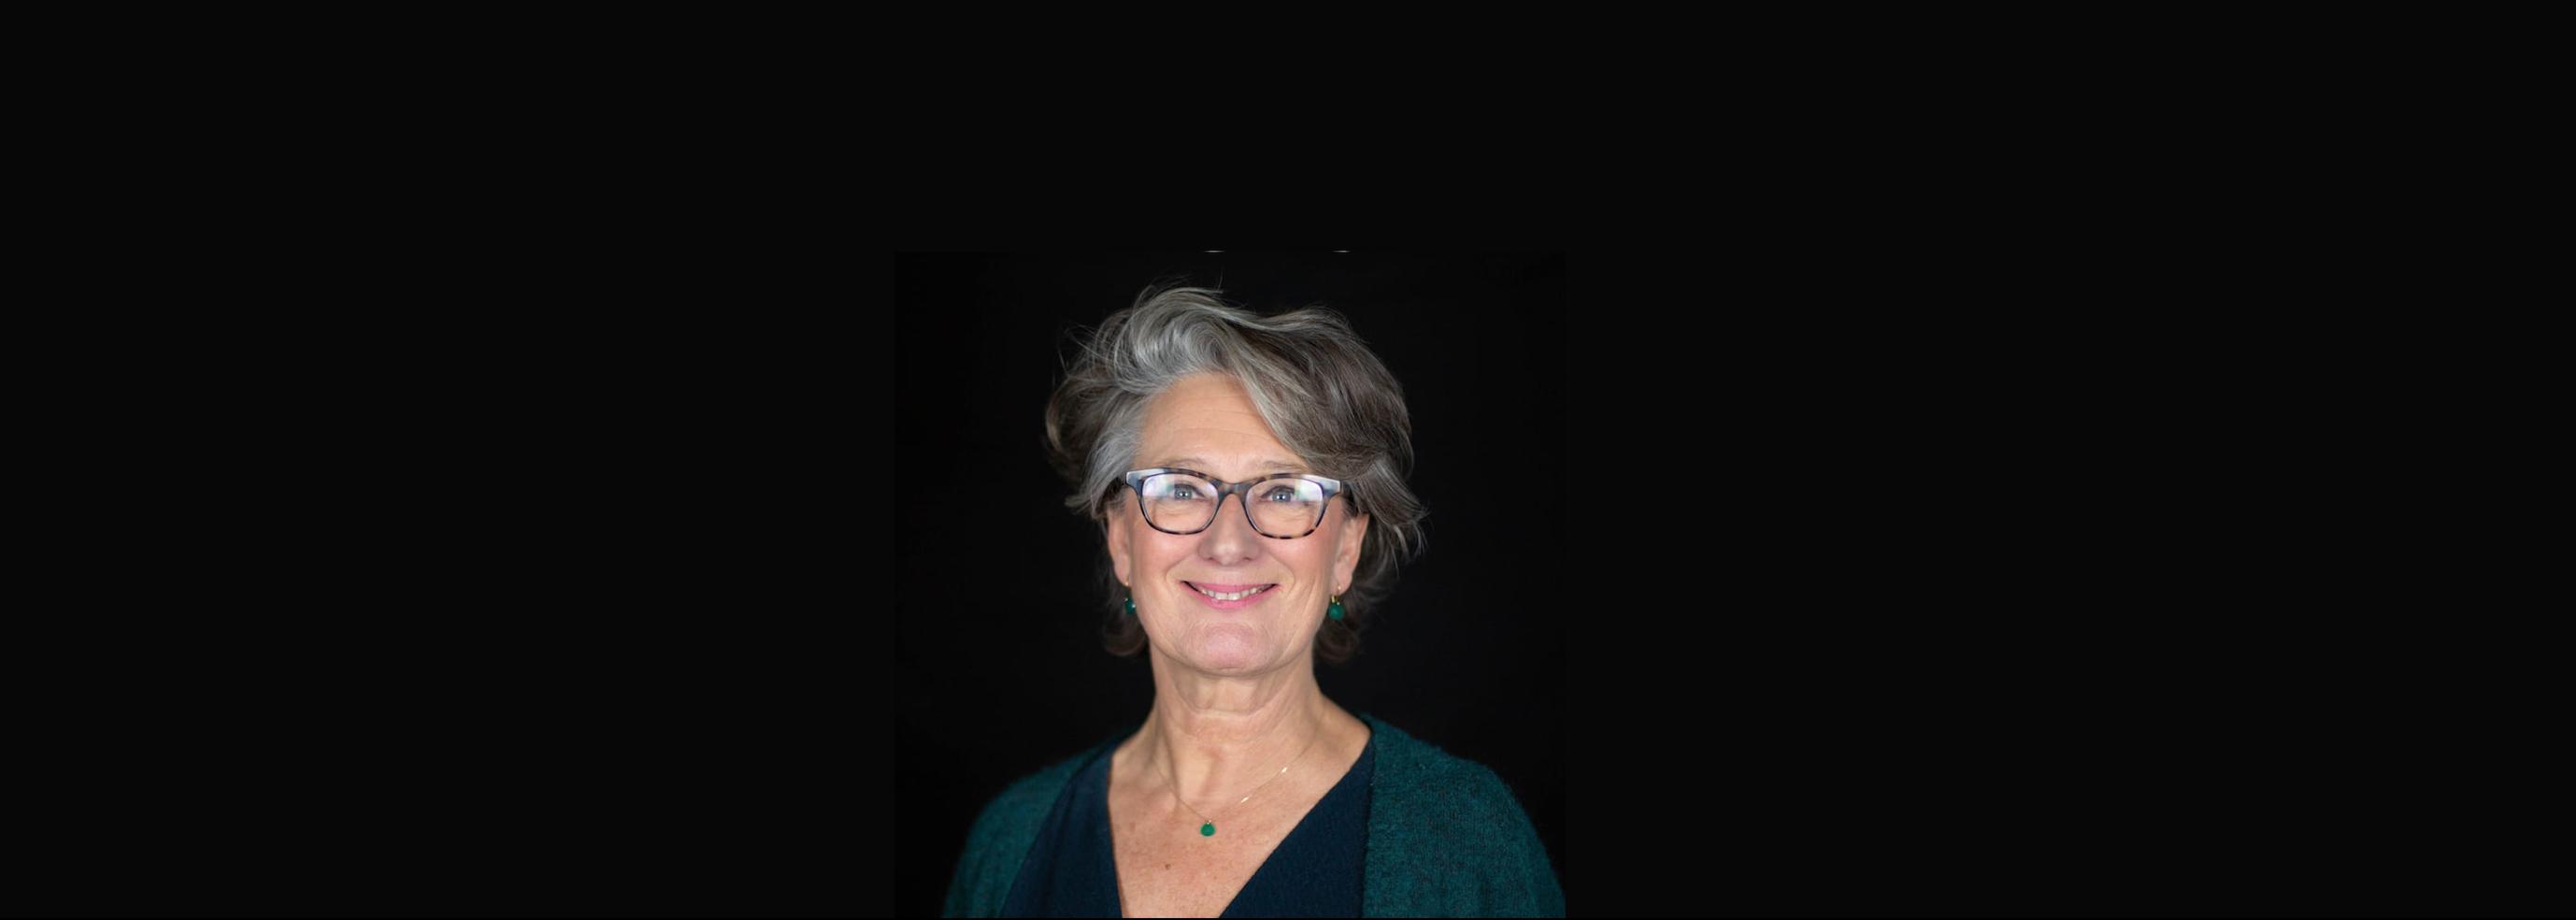 Evelyne Huytebroeck devient la nouvelle Présidente du Conseil d'Administration de hub.brussels avec Lydia Desloover comme Vice-Présidente